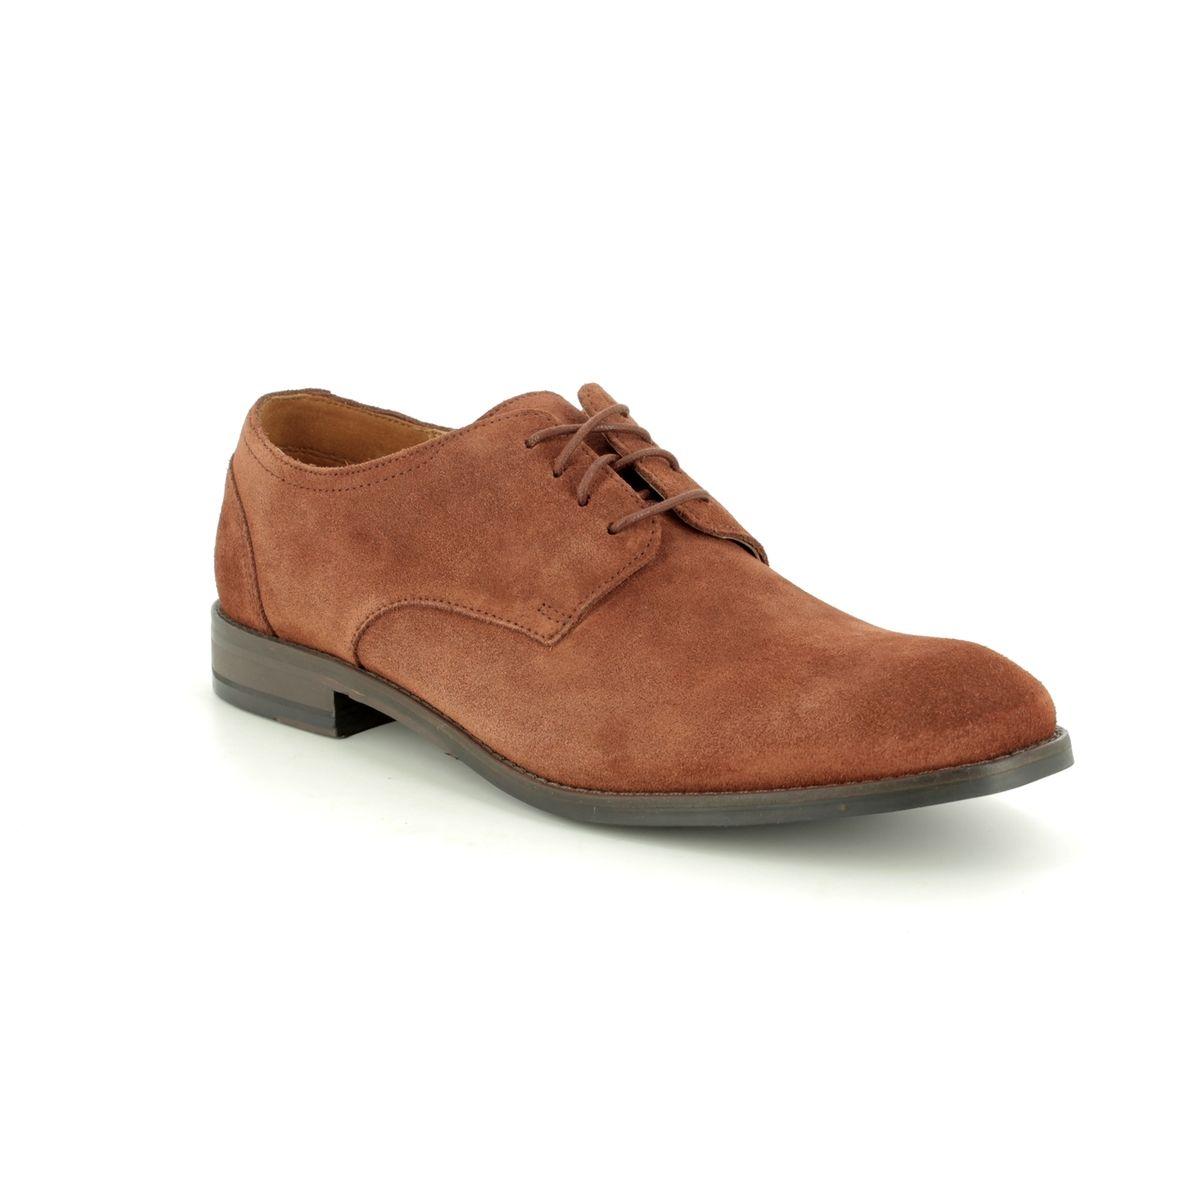 f06d829c01f5 Clarks Fashion Shoes - Brown Suede - 419577G FLOW PLAIN